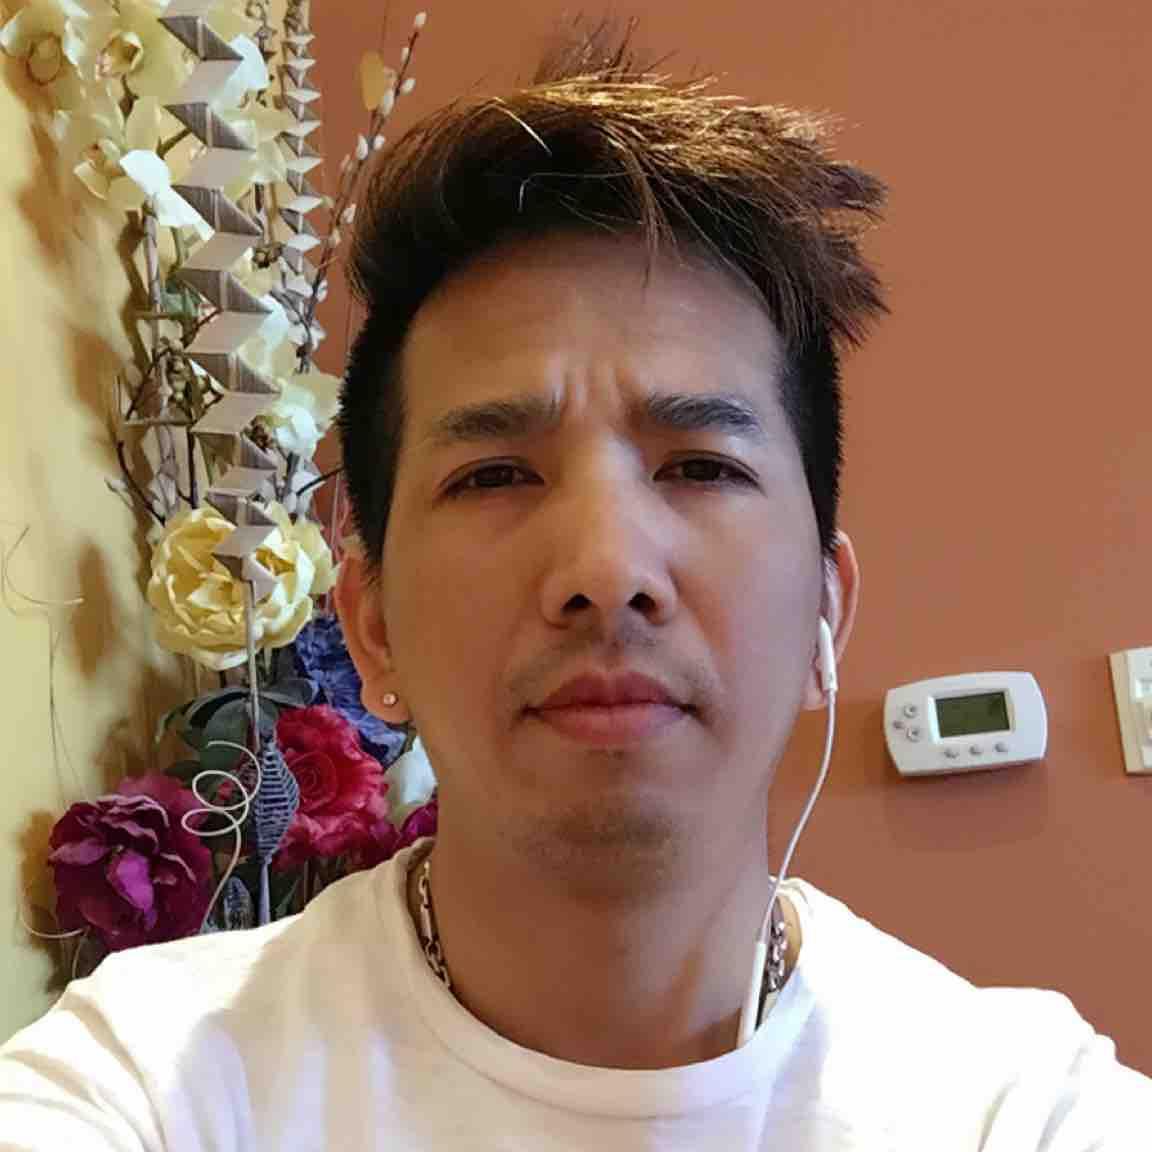 Tran Hoang Son